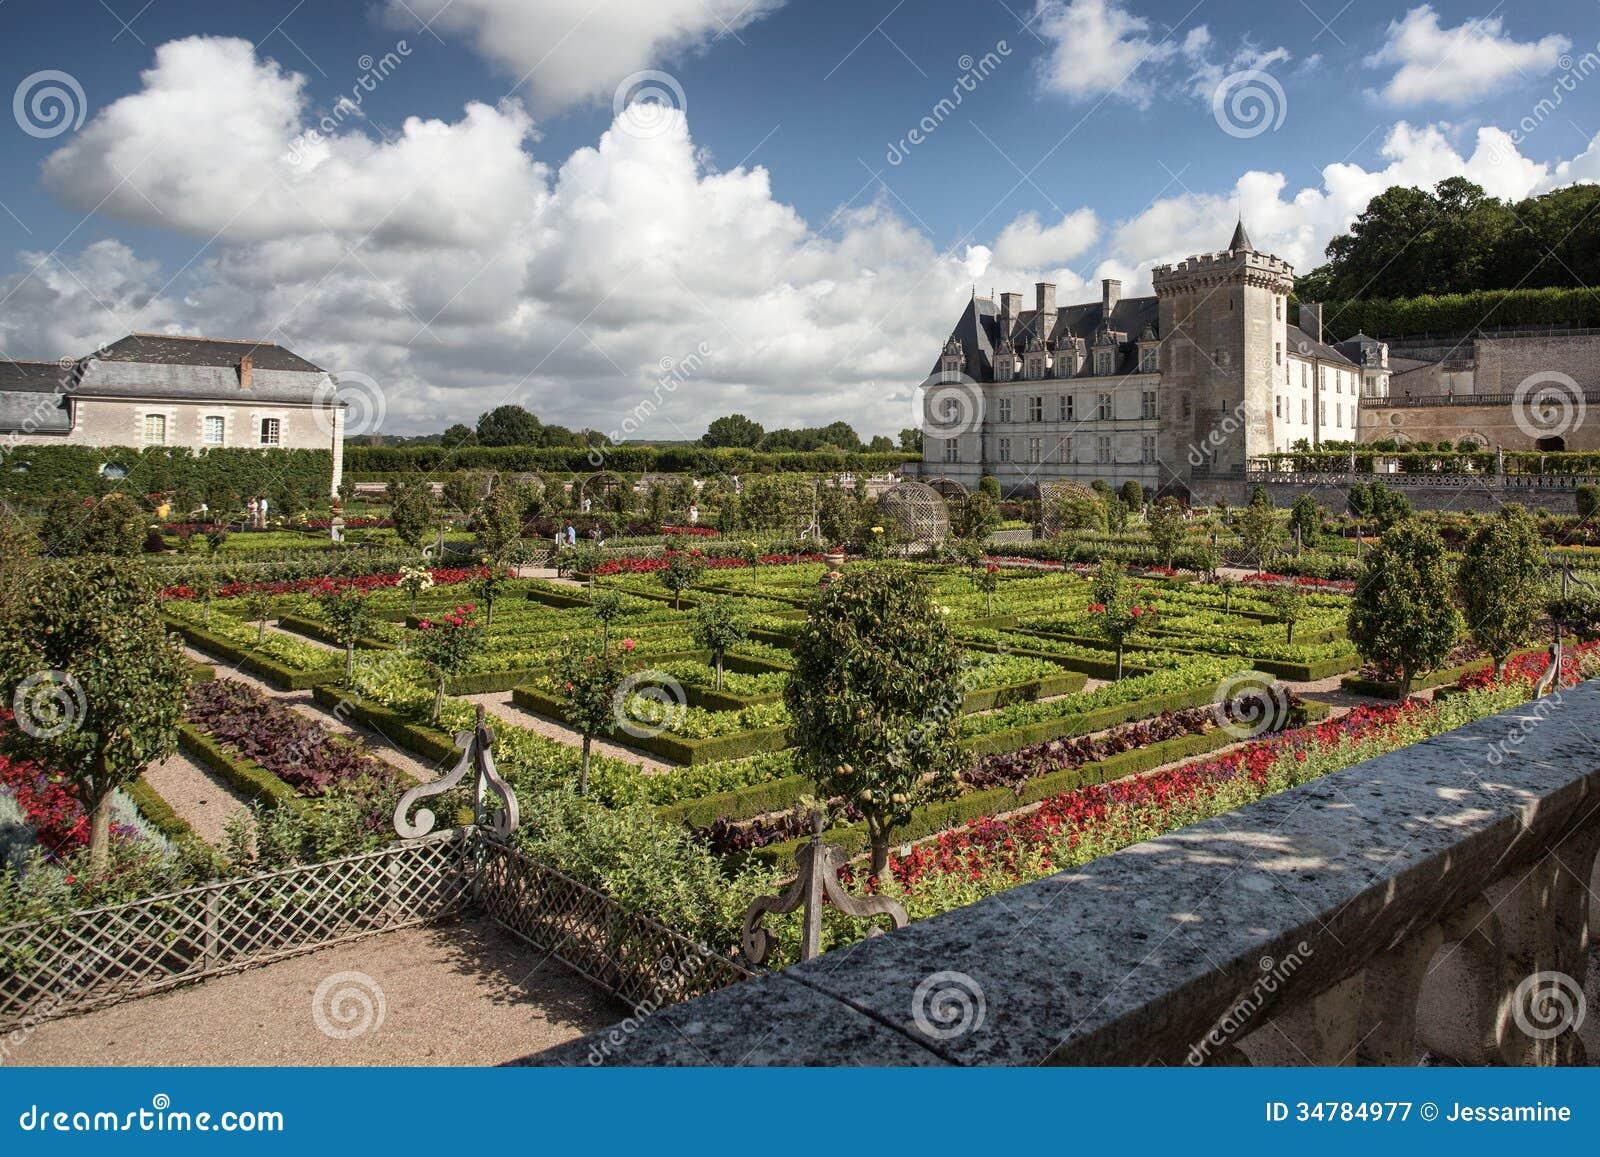 Chateau de Villandry in Loire Valley in France